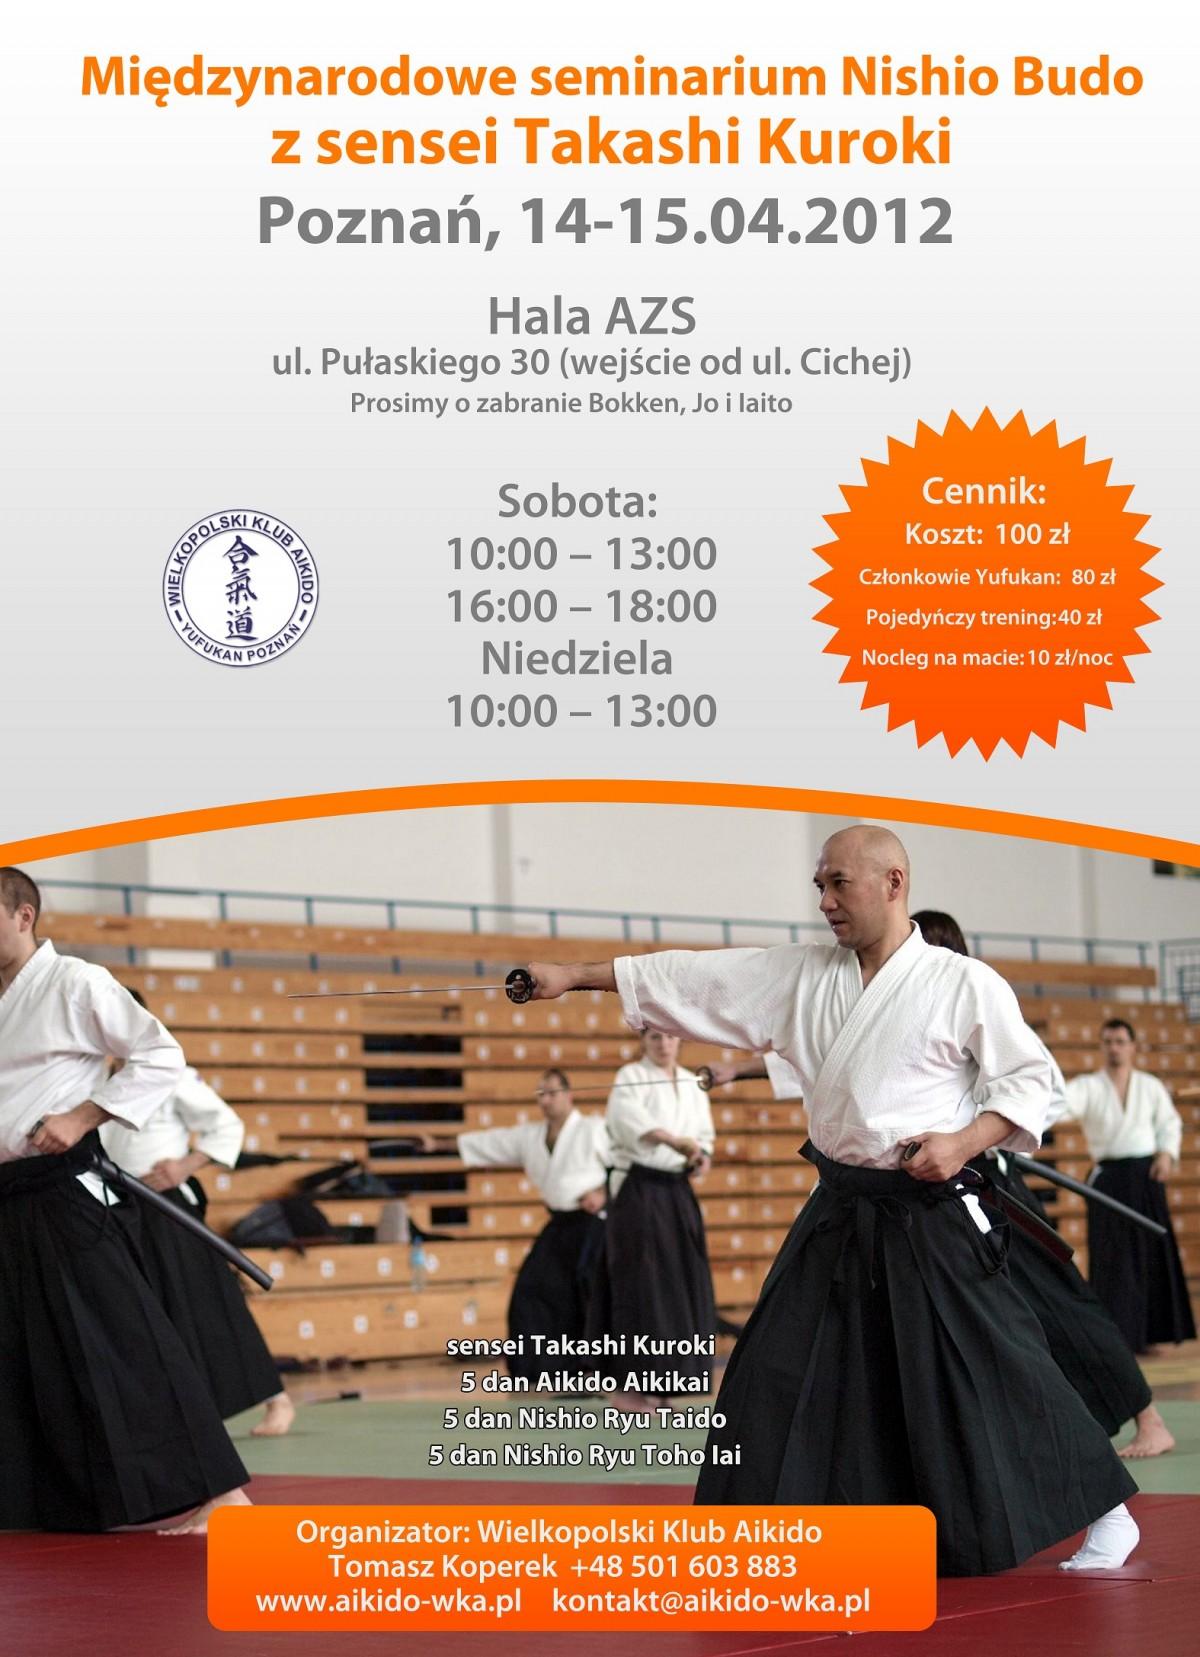 Międzynarodowe seminarium Nishio Budo z sensei Takashi Kuroki w Poznaniu, 14-15.04.2012